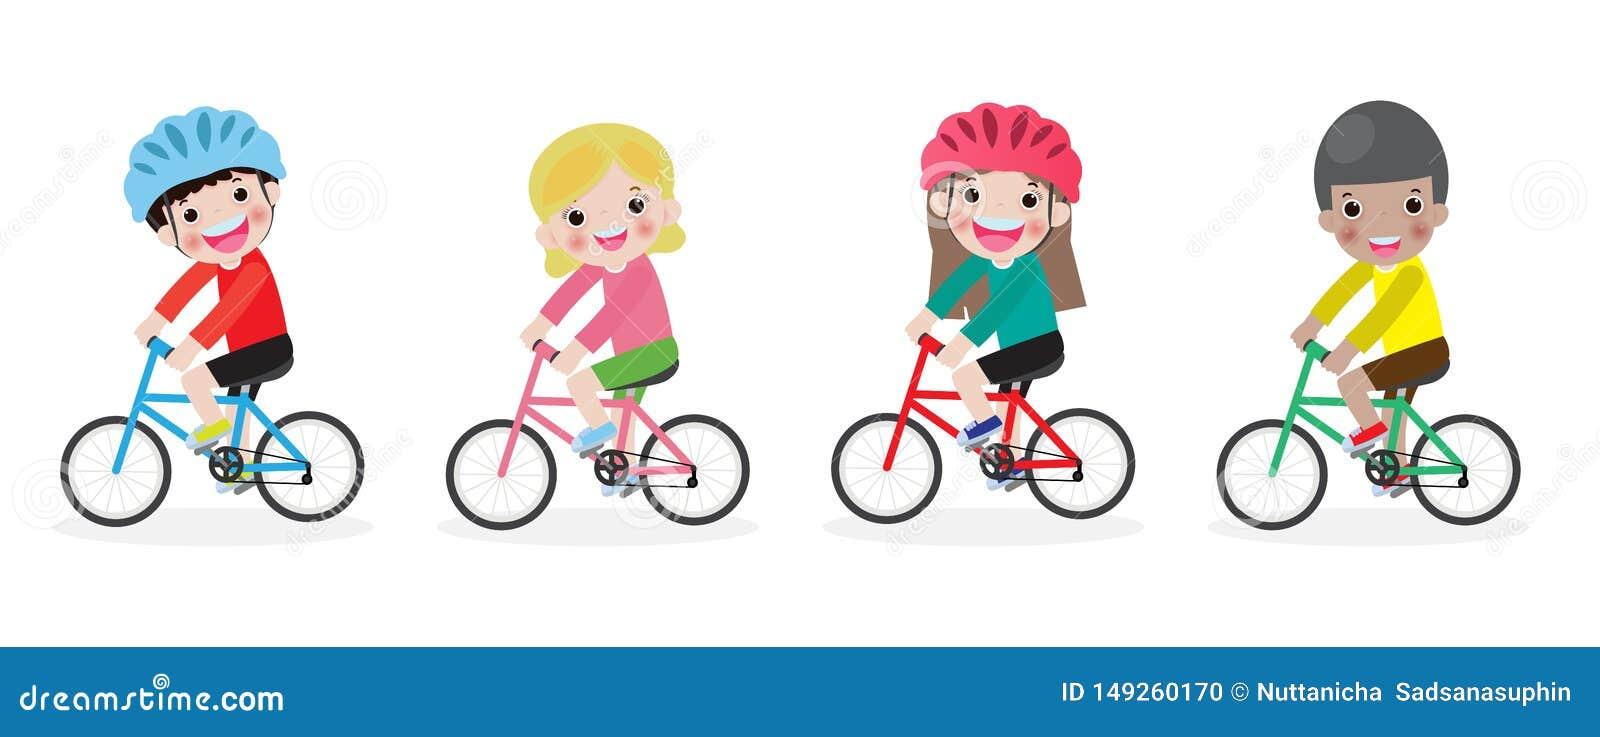 Ni?os felices en las bicicletas, bici del montar a caballo de los ni?os, ni?os que montan las bicis, bici del montar a caballo de